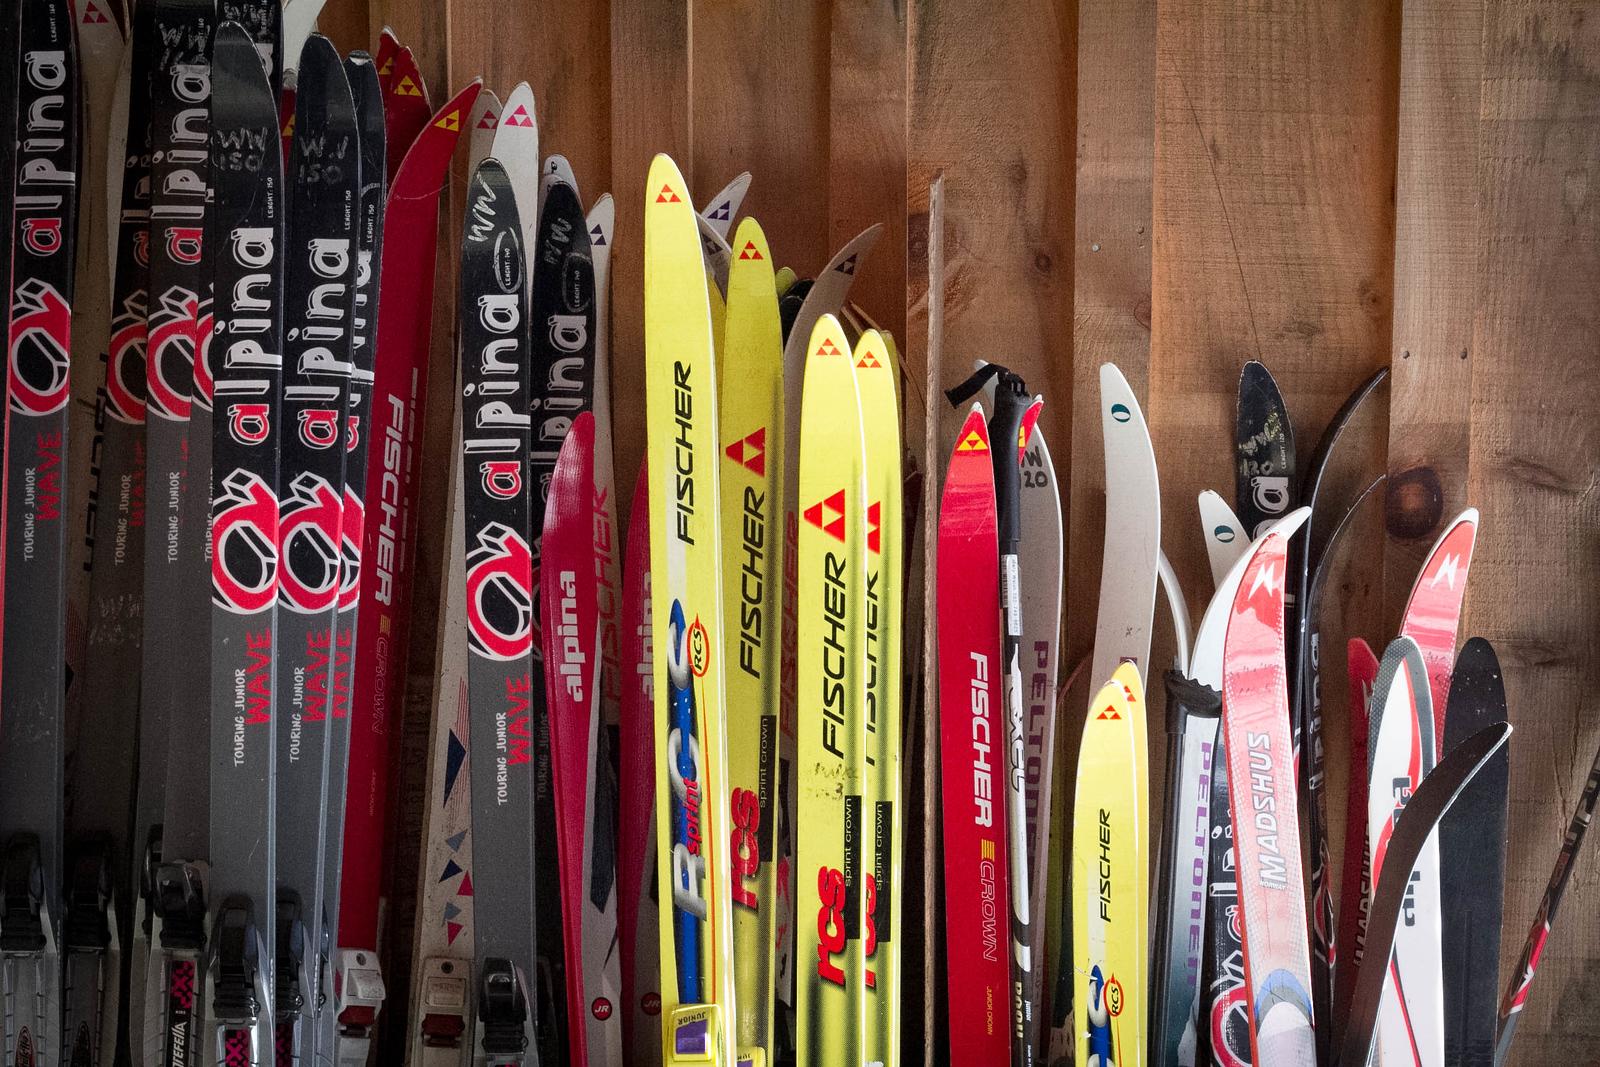 Lots of kids skis